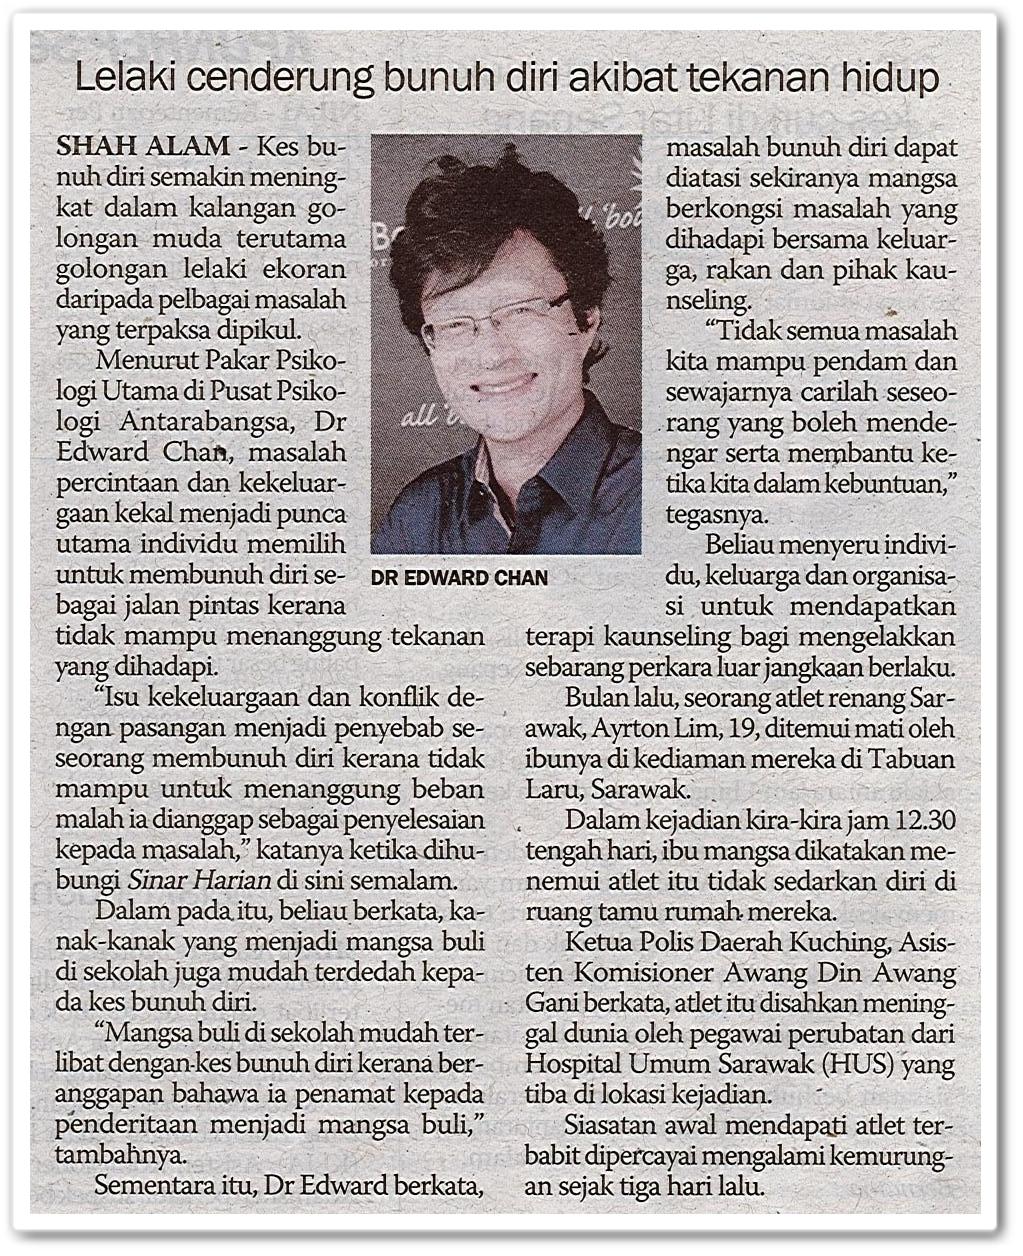 Lelaki cenderung bunuh diri akibat tekanan hidup - Keratan akhbar Sinar Harian 5 November 2019